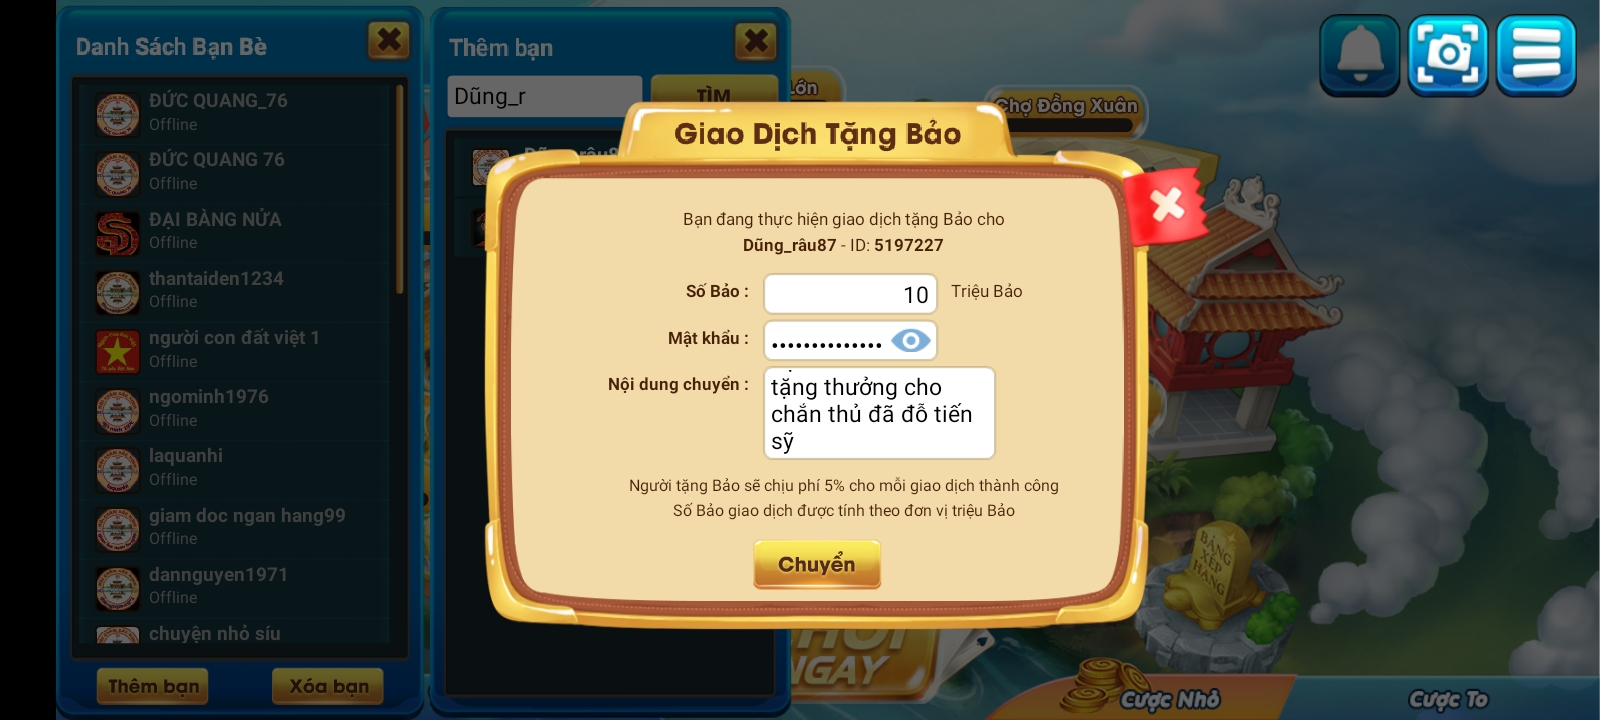 Screenshot_2021-09-07-18-25-00-07_13c1688d8d2adc5d262082a38de77fa3.